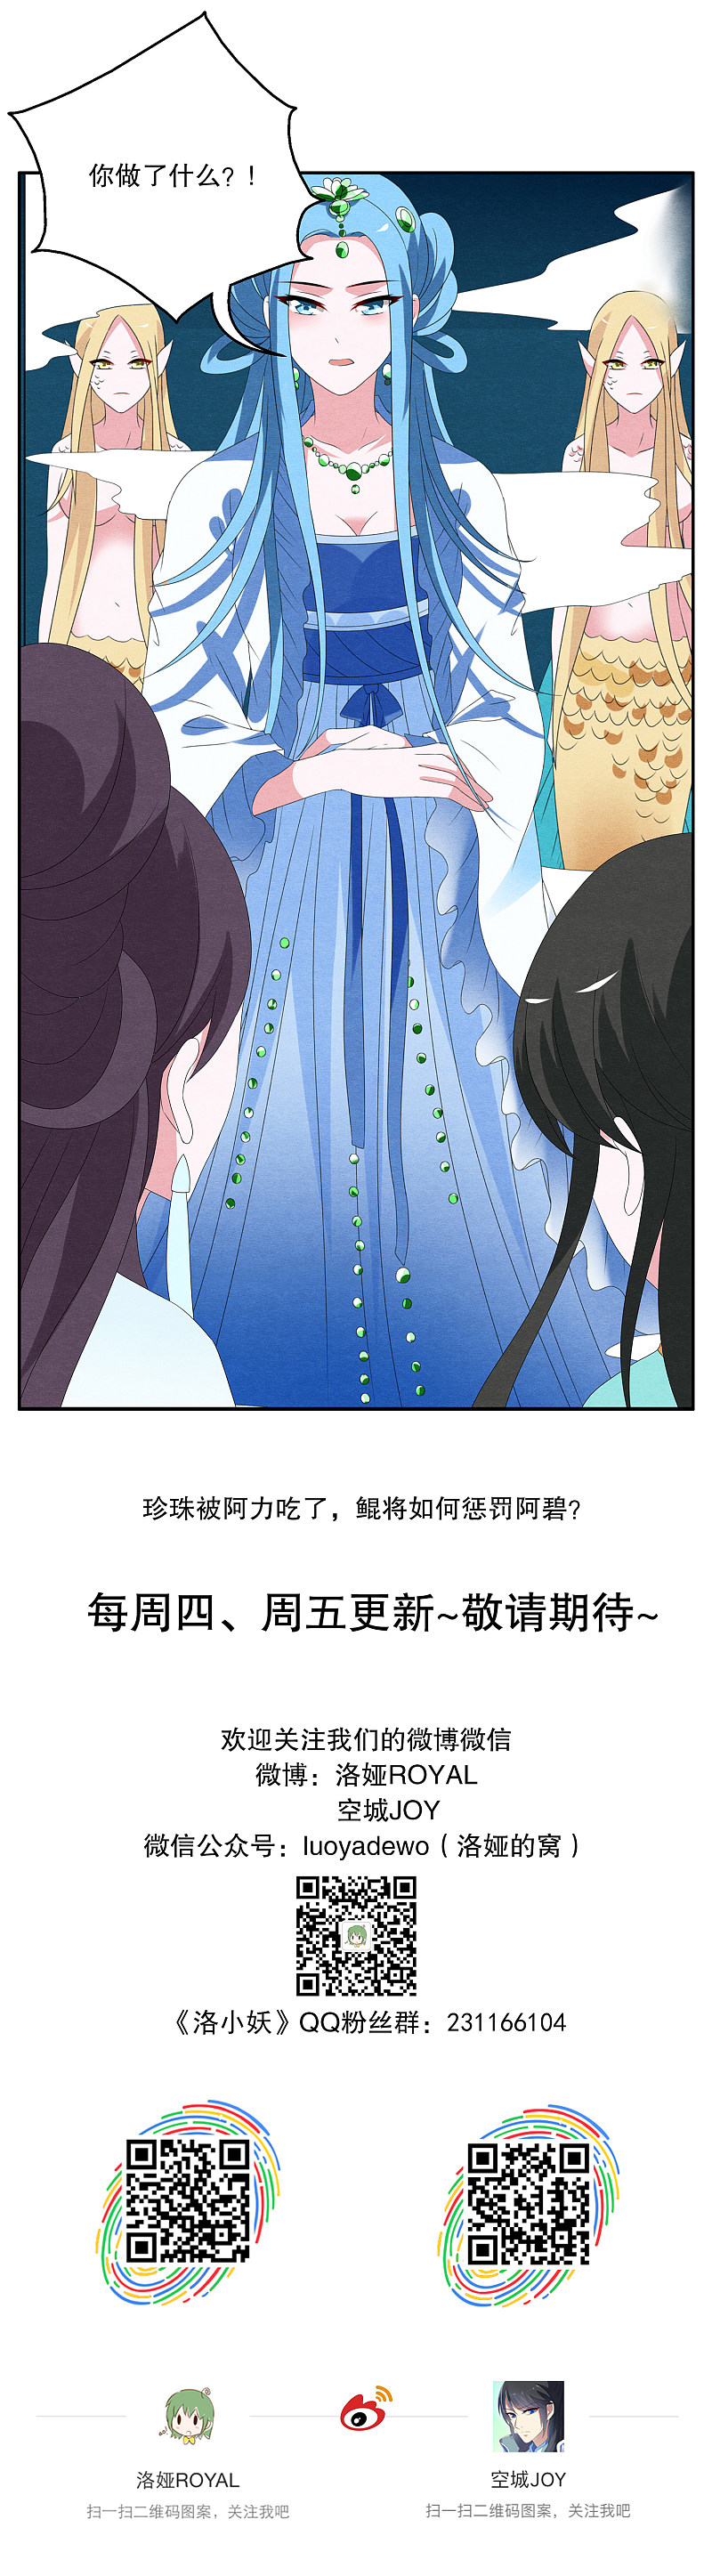 洛小妖85860014-2.JPG